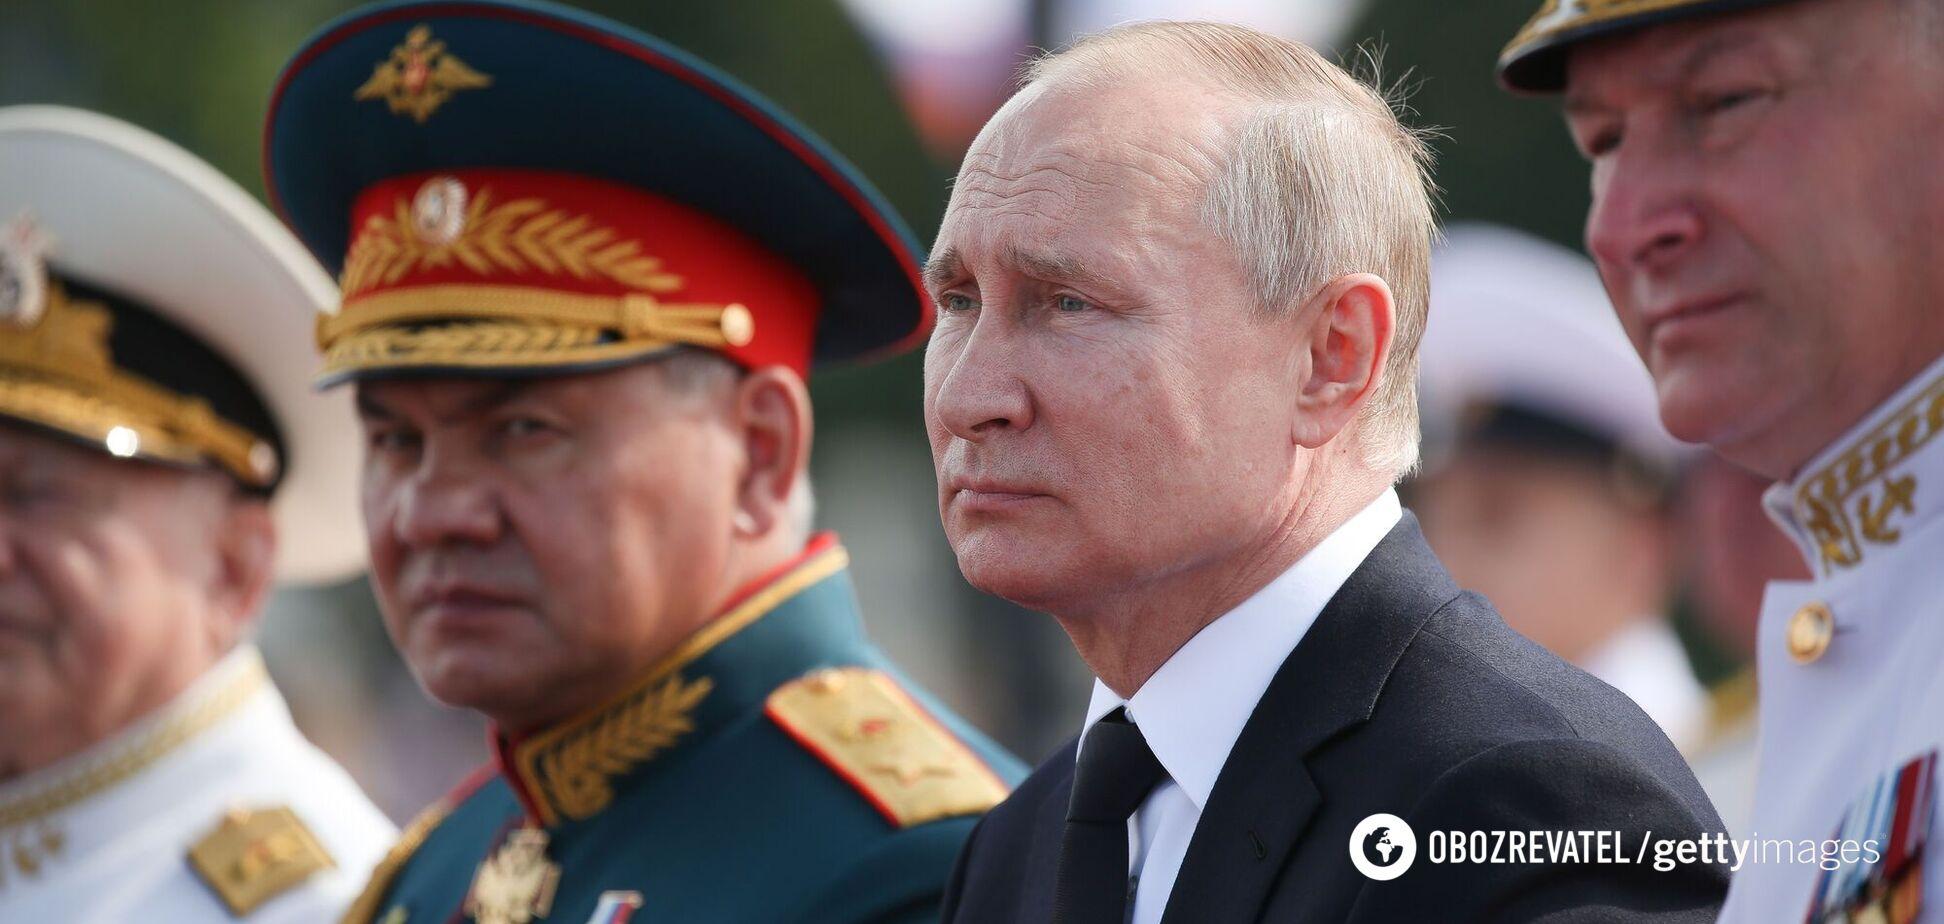 Климкин: Путину нужно отвлечь россиян, над югом Украины нависла угроза